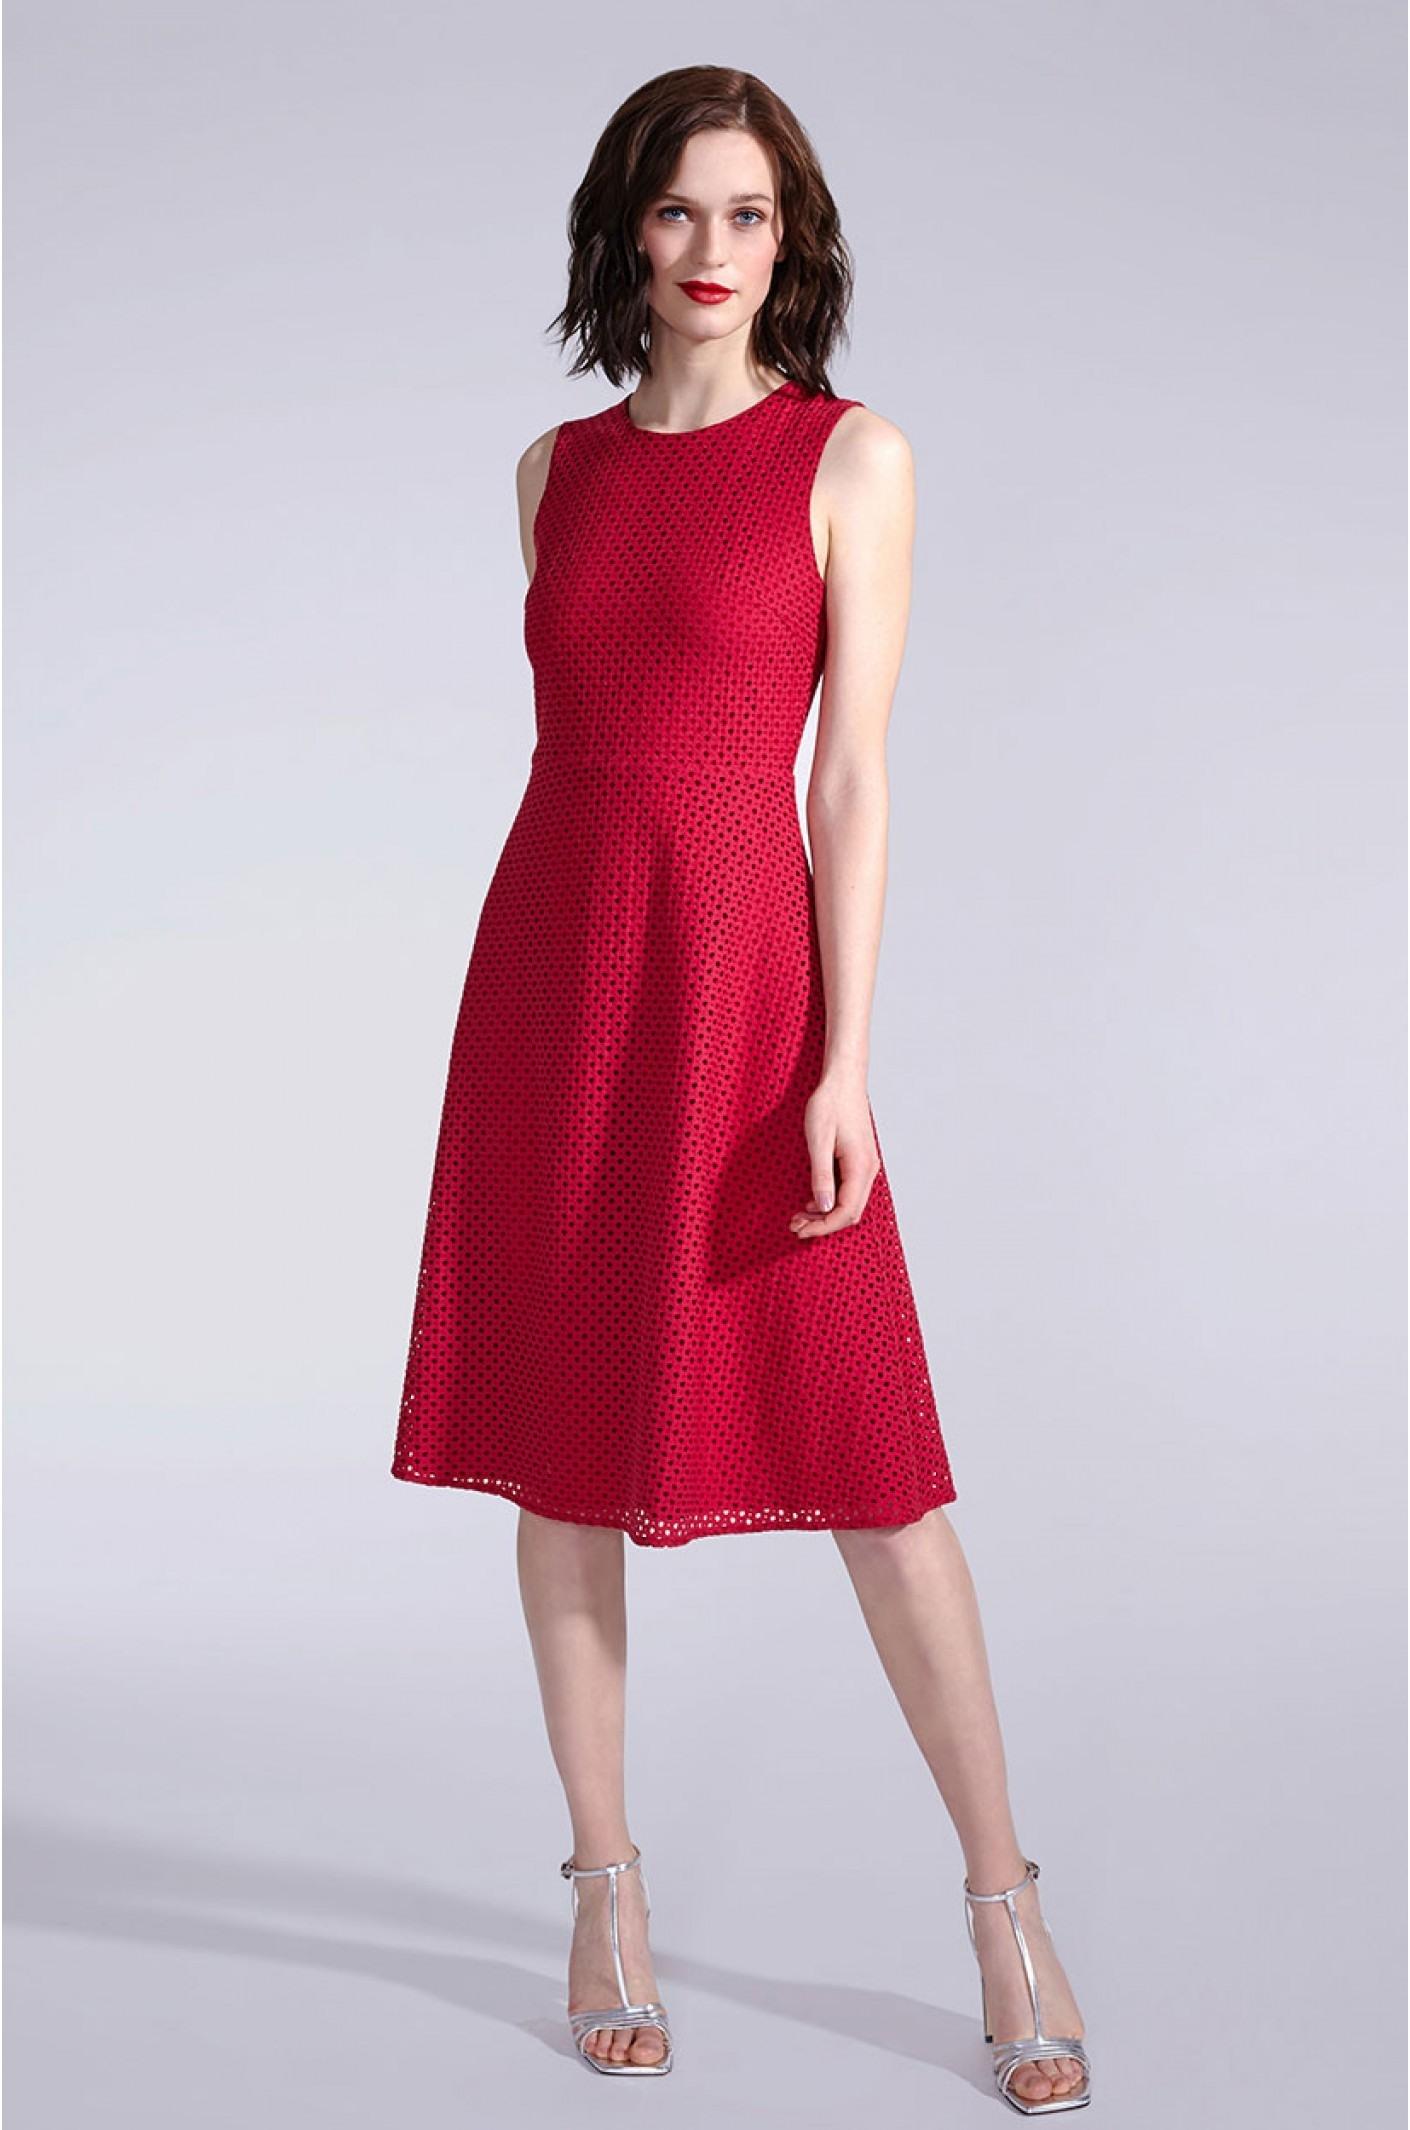 13 Schön Kleider Hochzeitsgäste Online Shop Spezialgebiet20 Top Kleider Hochzeitsgäste Online Shop für 2019